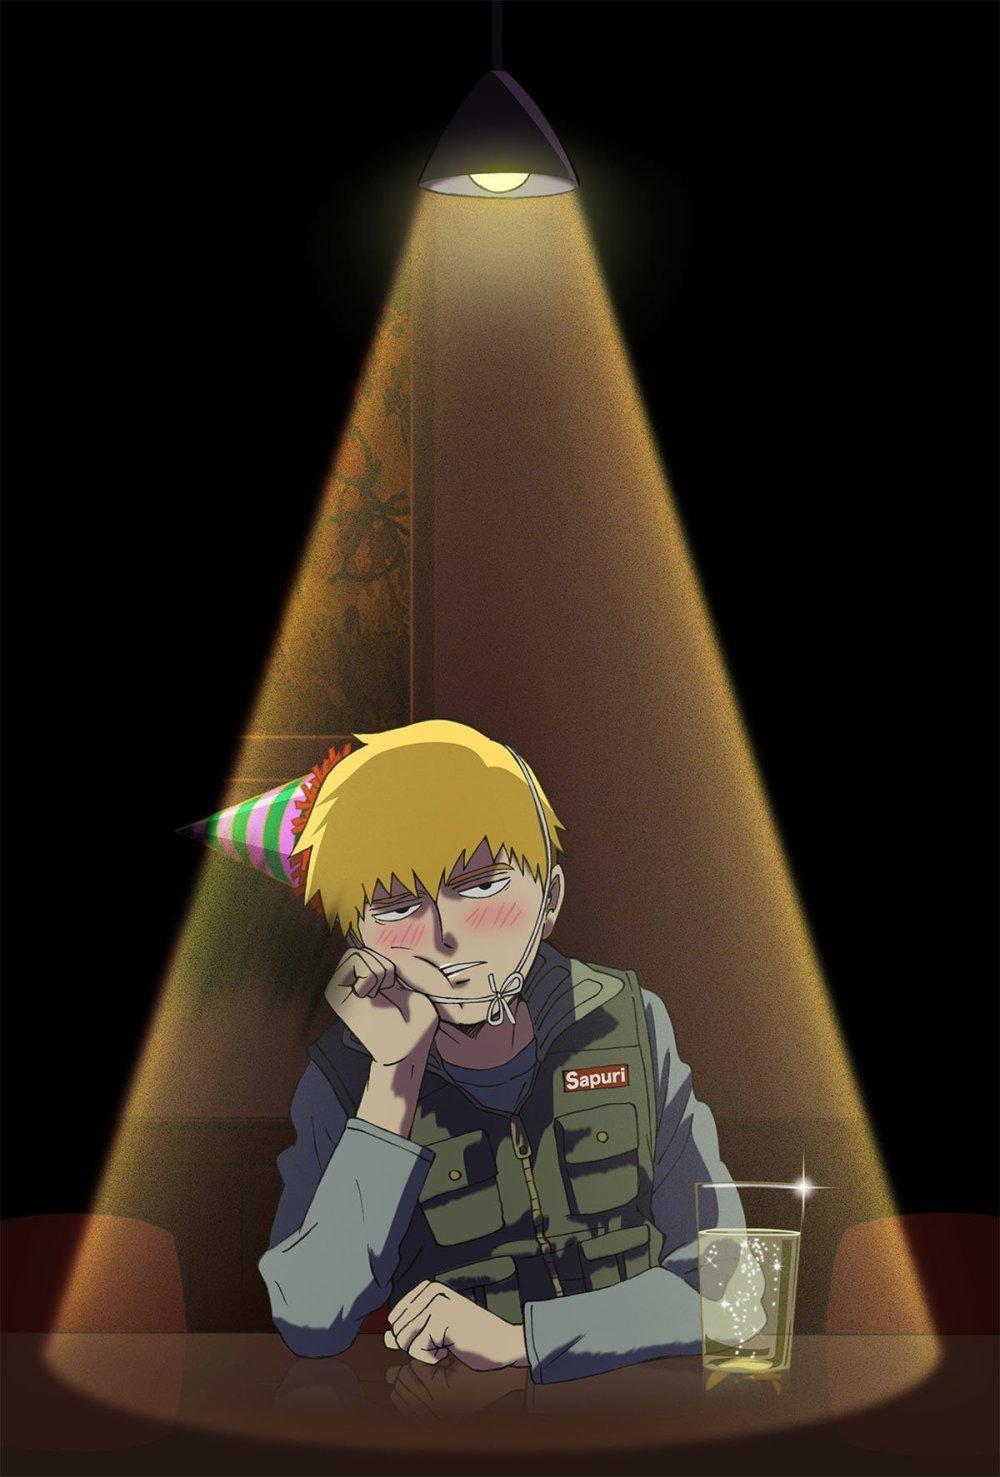 Un nuevo â ???? Mob Psycho 100 IIâ ????  Anime visual para octubre ha sido lanzado.  Las actualizaciones mensuales continuarán hasta que su transmisión comience en enero de 2019.